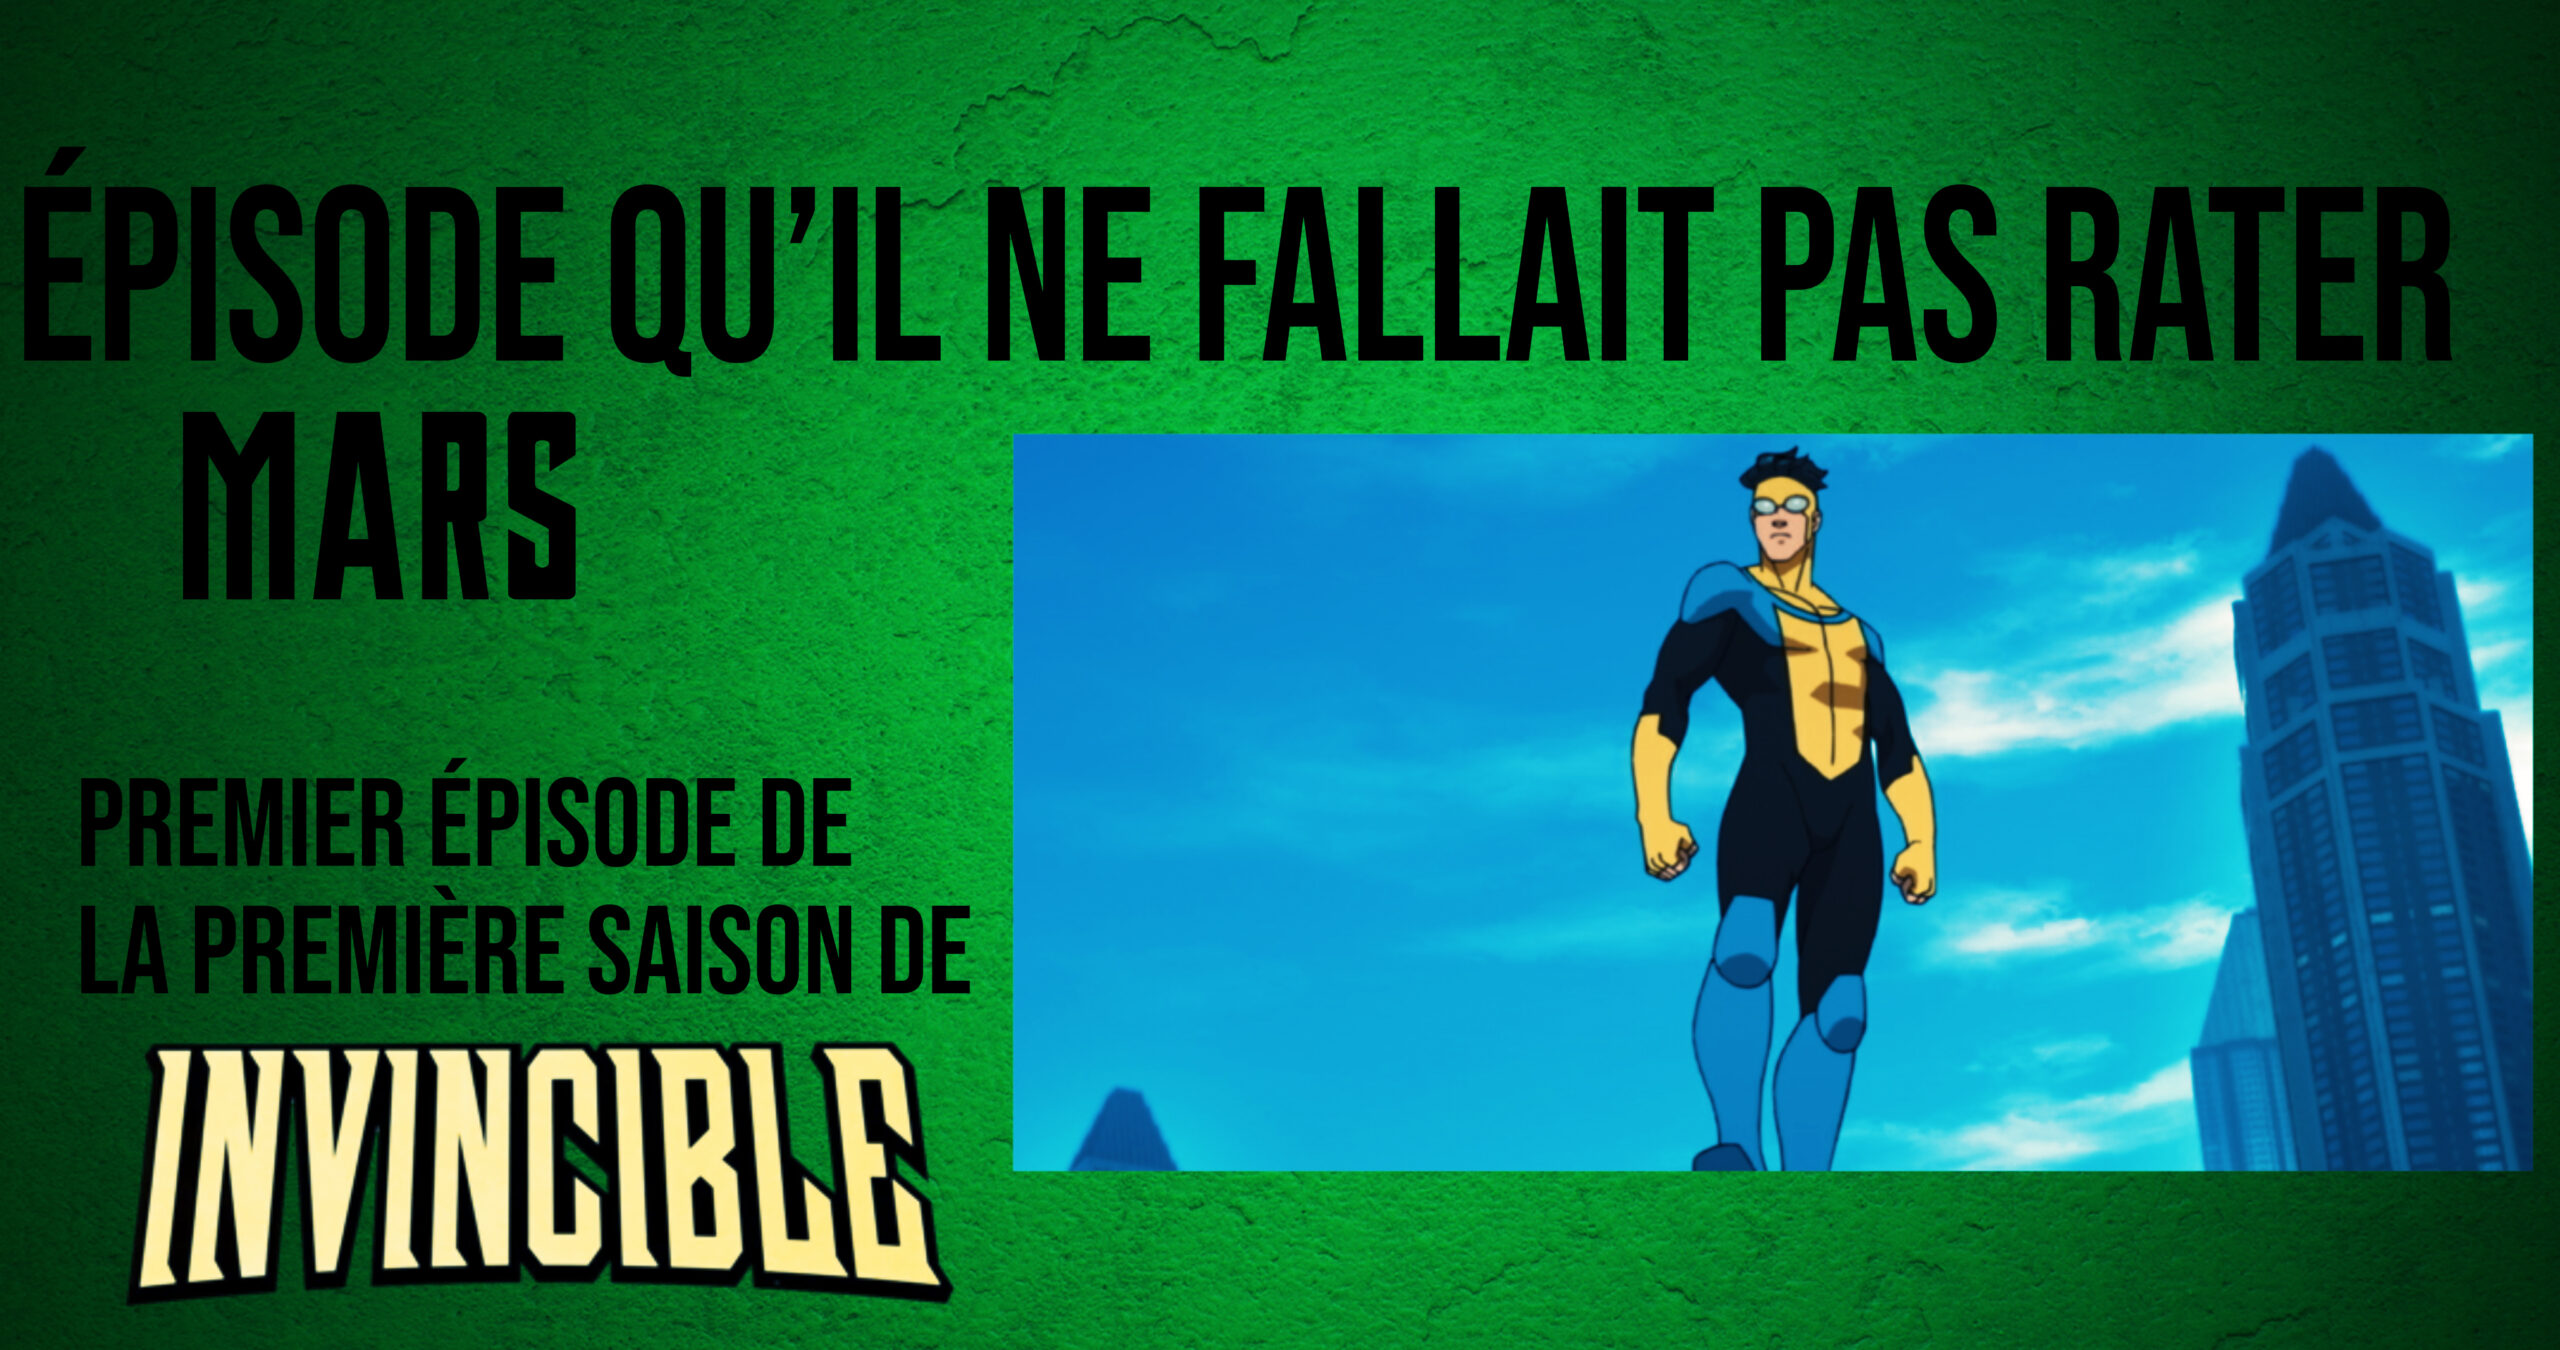 Le premier épisode de « Invincible » : l'épisode qu'il ne fallait pas rater en mars 2021